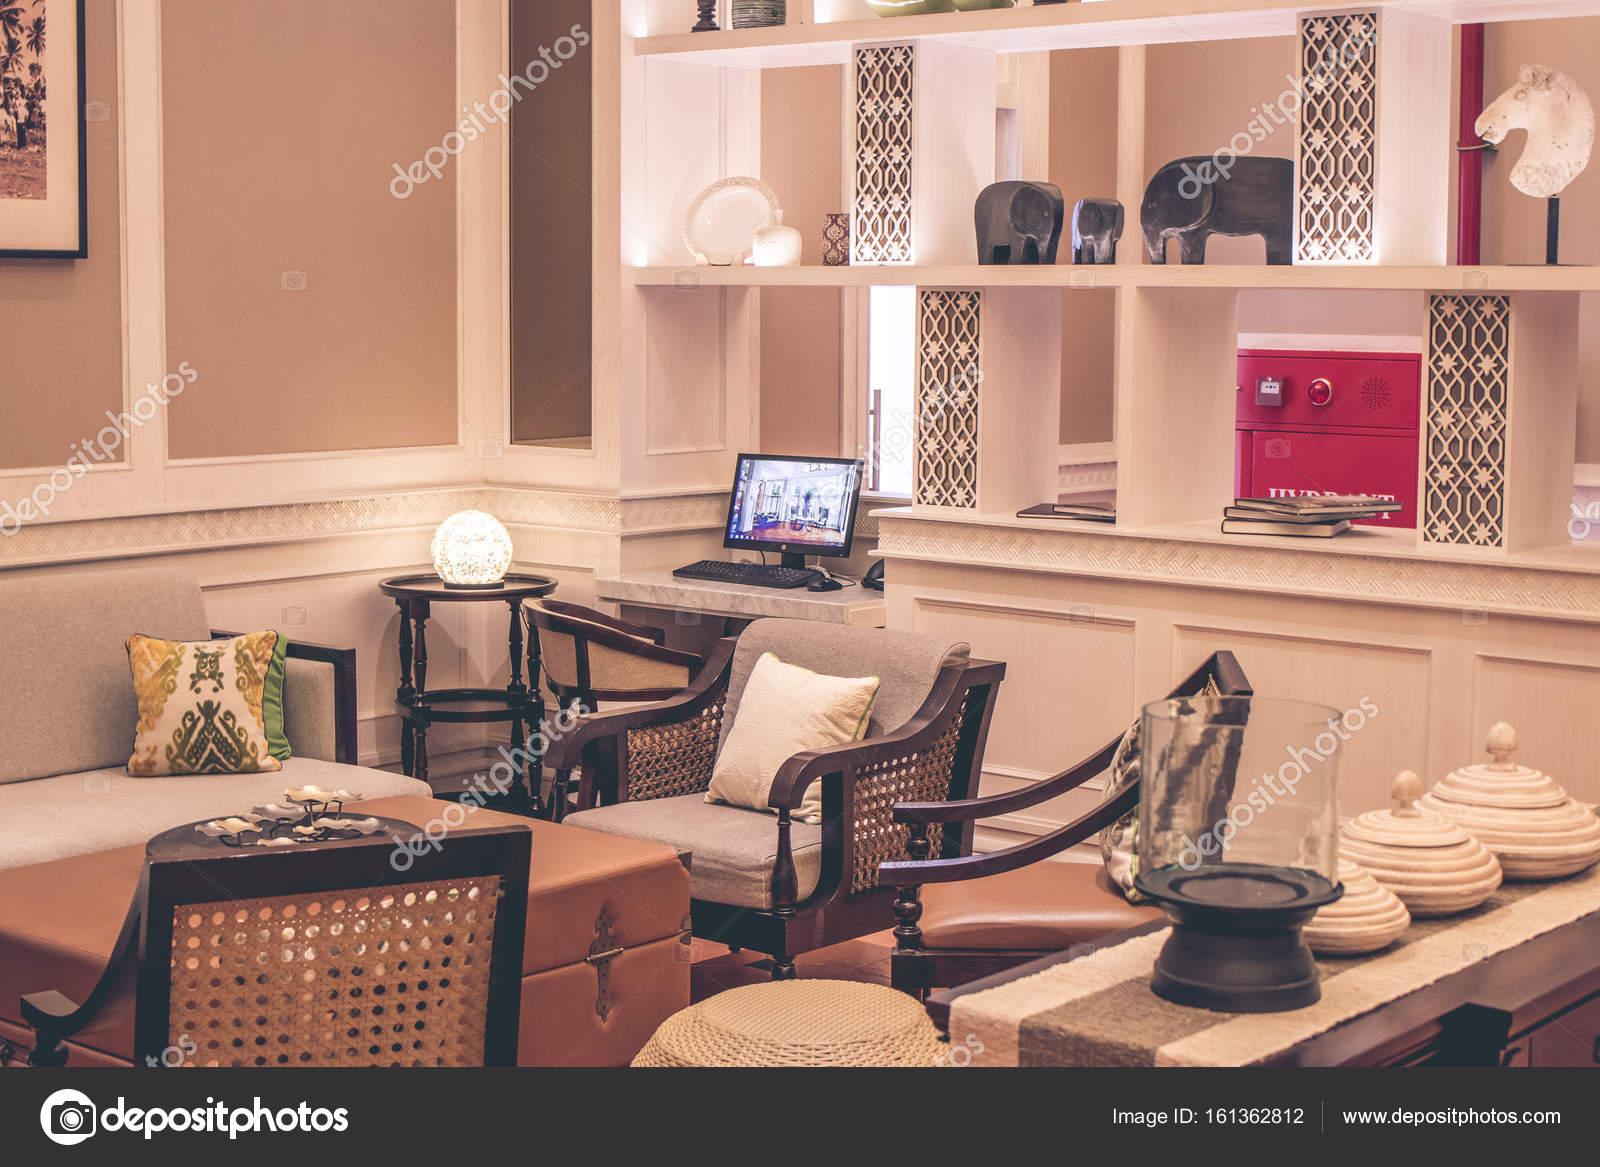 Moderne Einrichtung Mit Möbeln Und Tabelle. Insel Bali, Indonesien U2014  Stockfoto